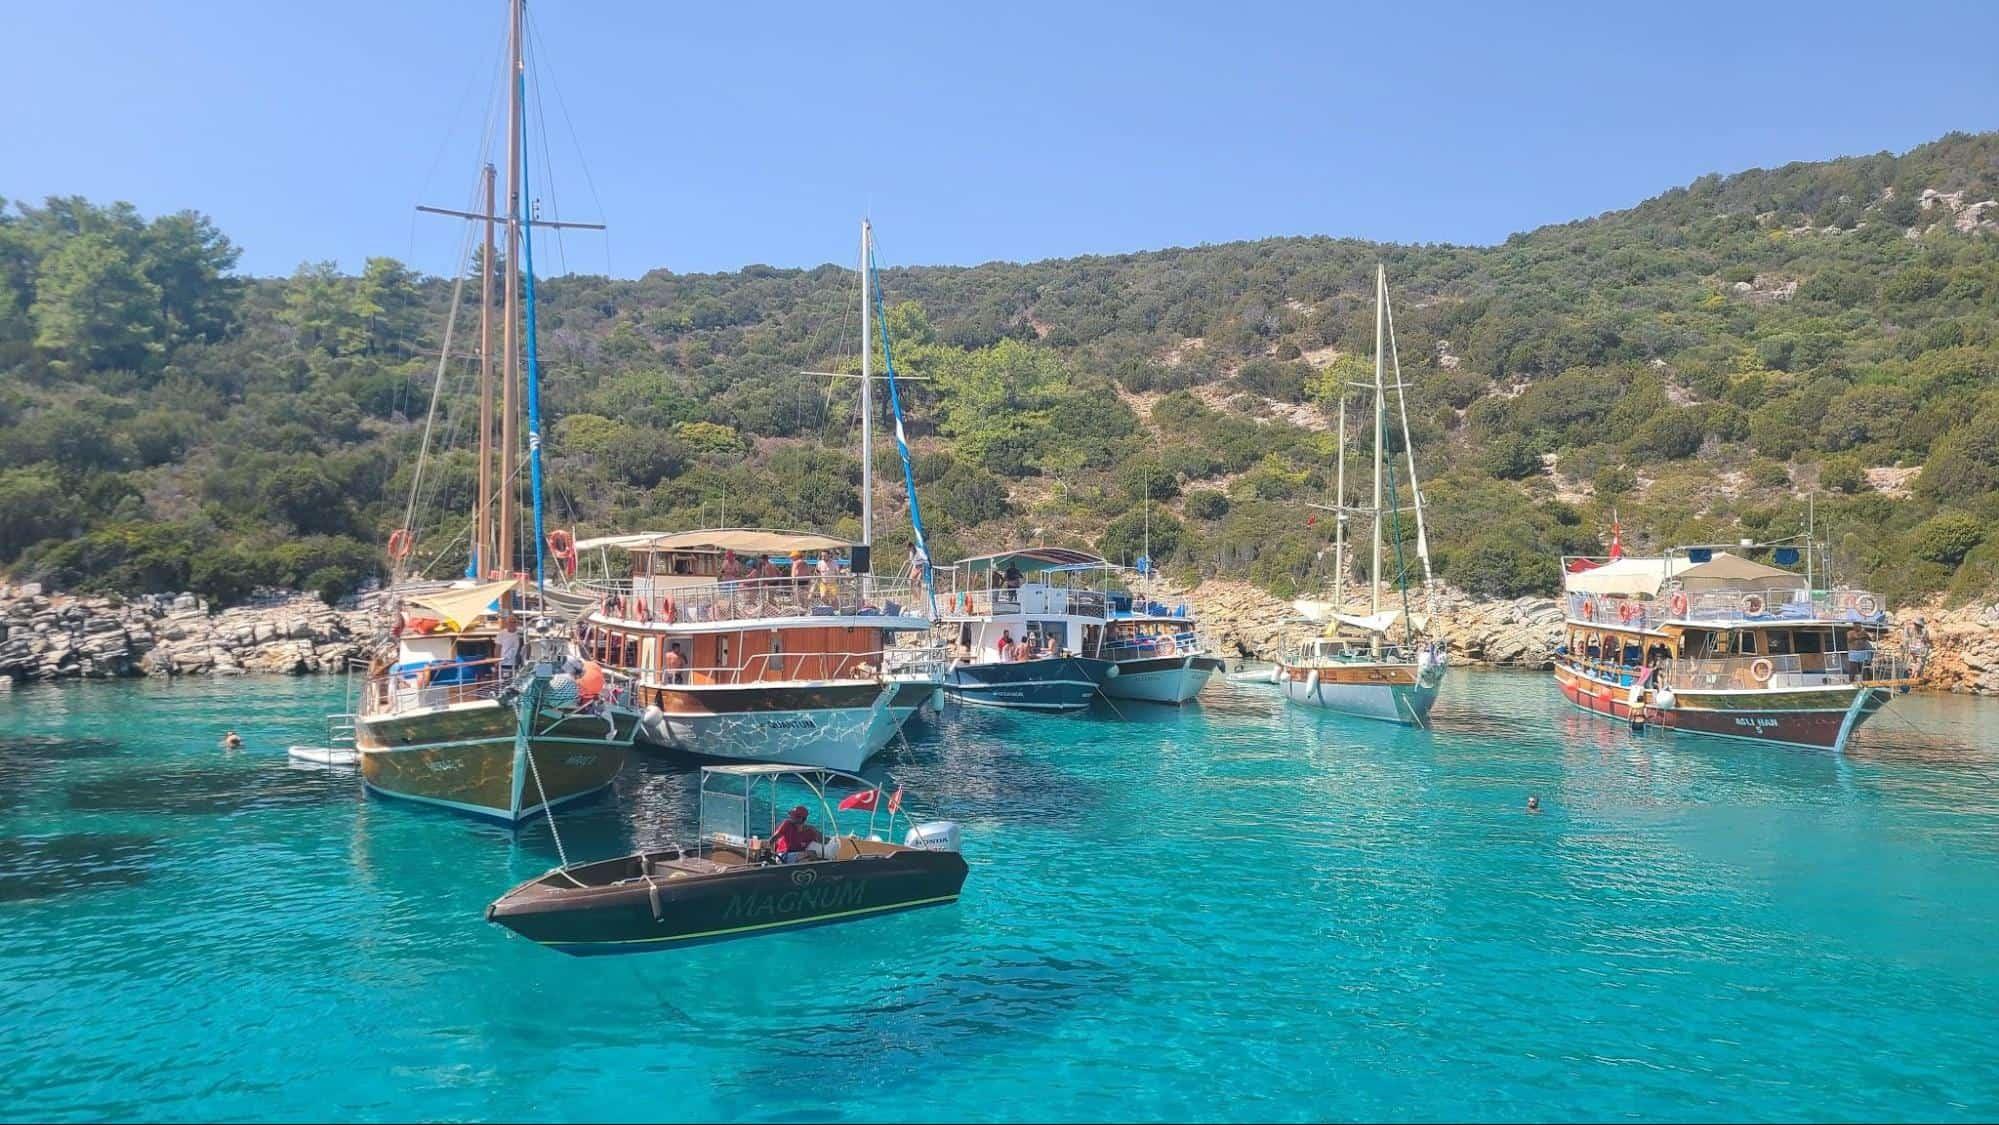 boat excursion to Orak Island from Bodrum, Turkey